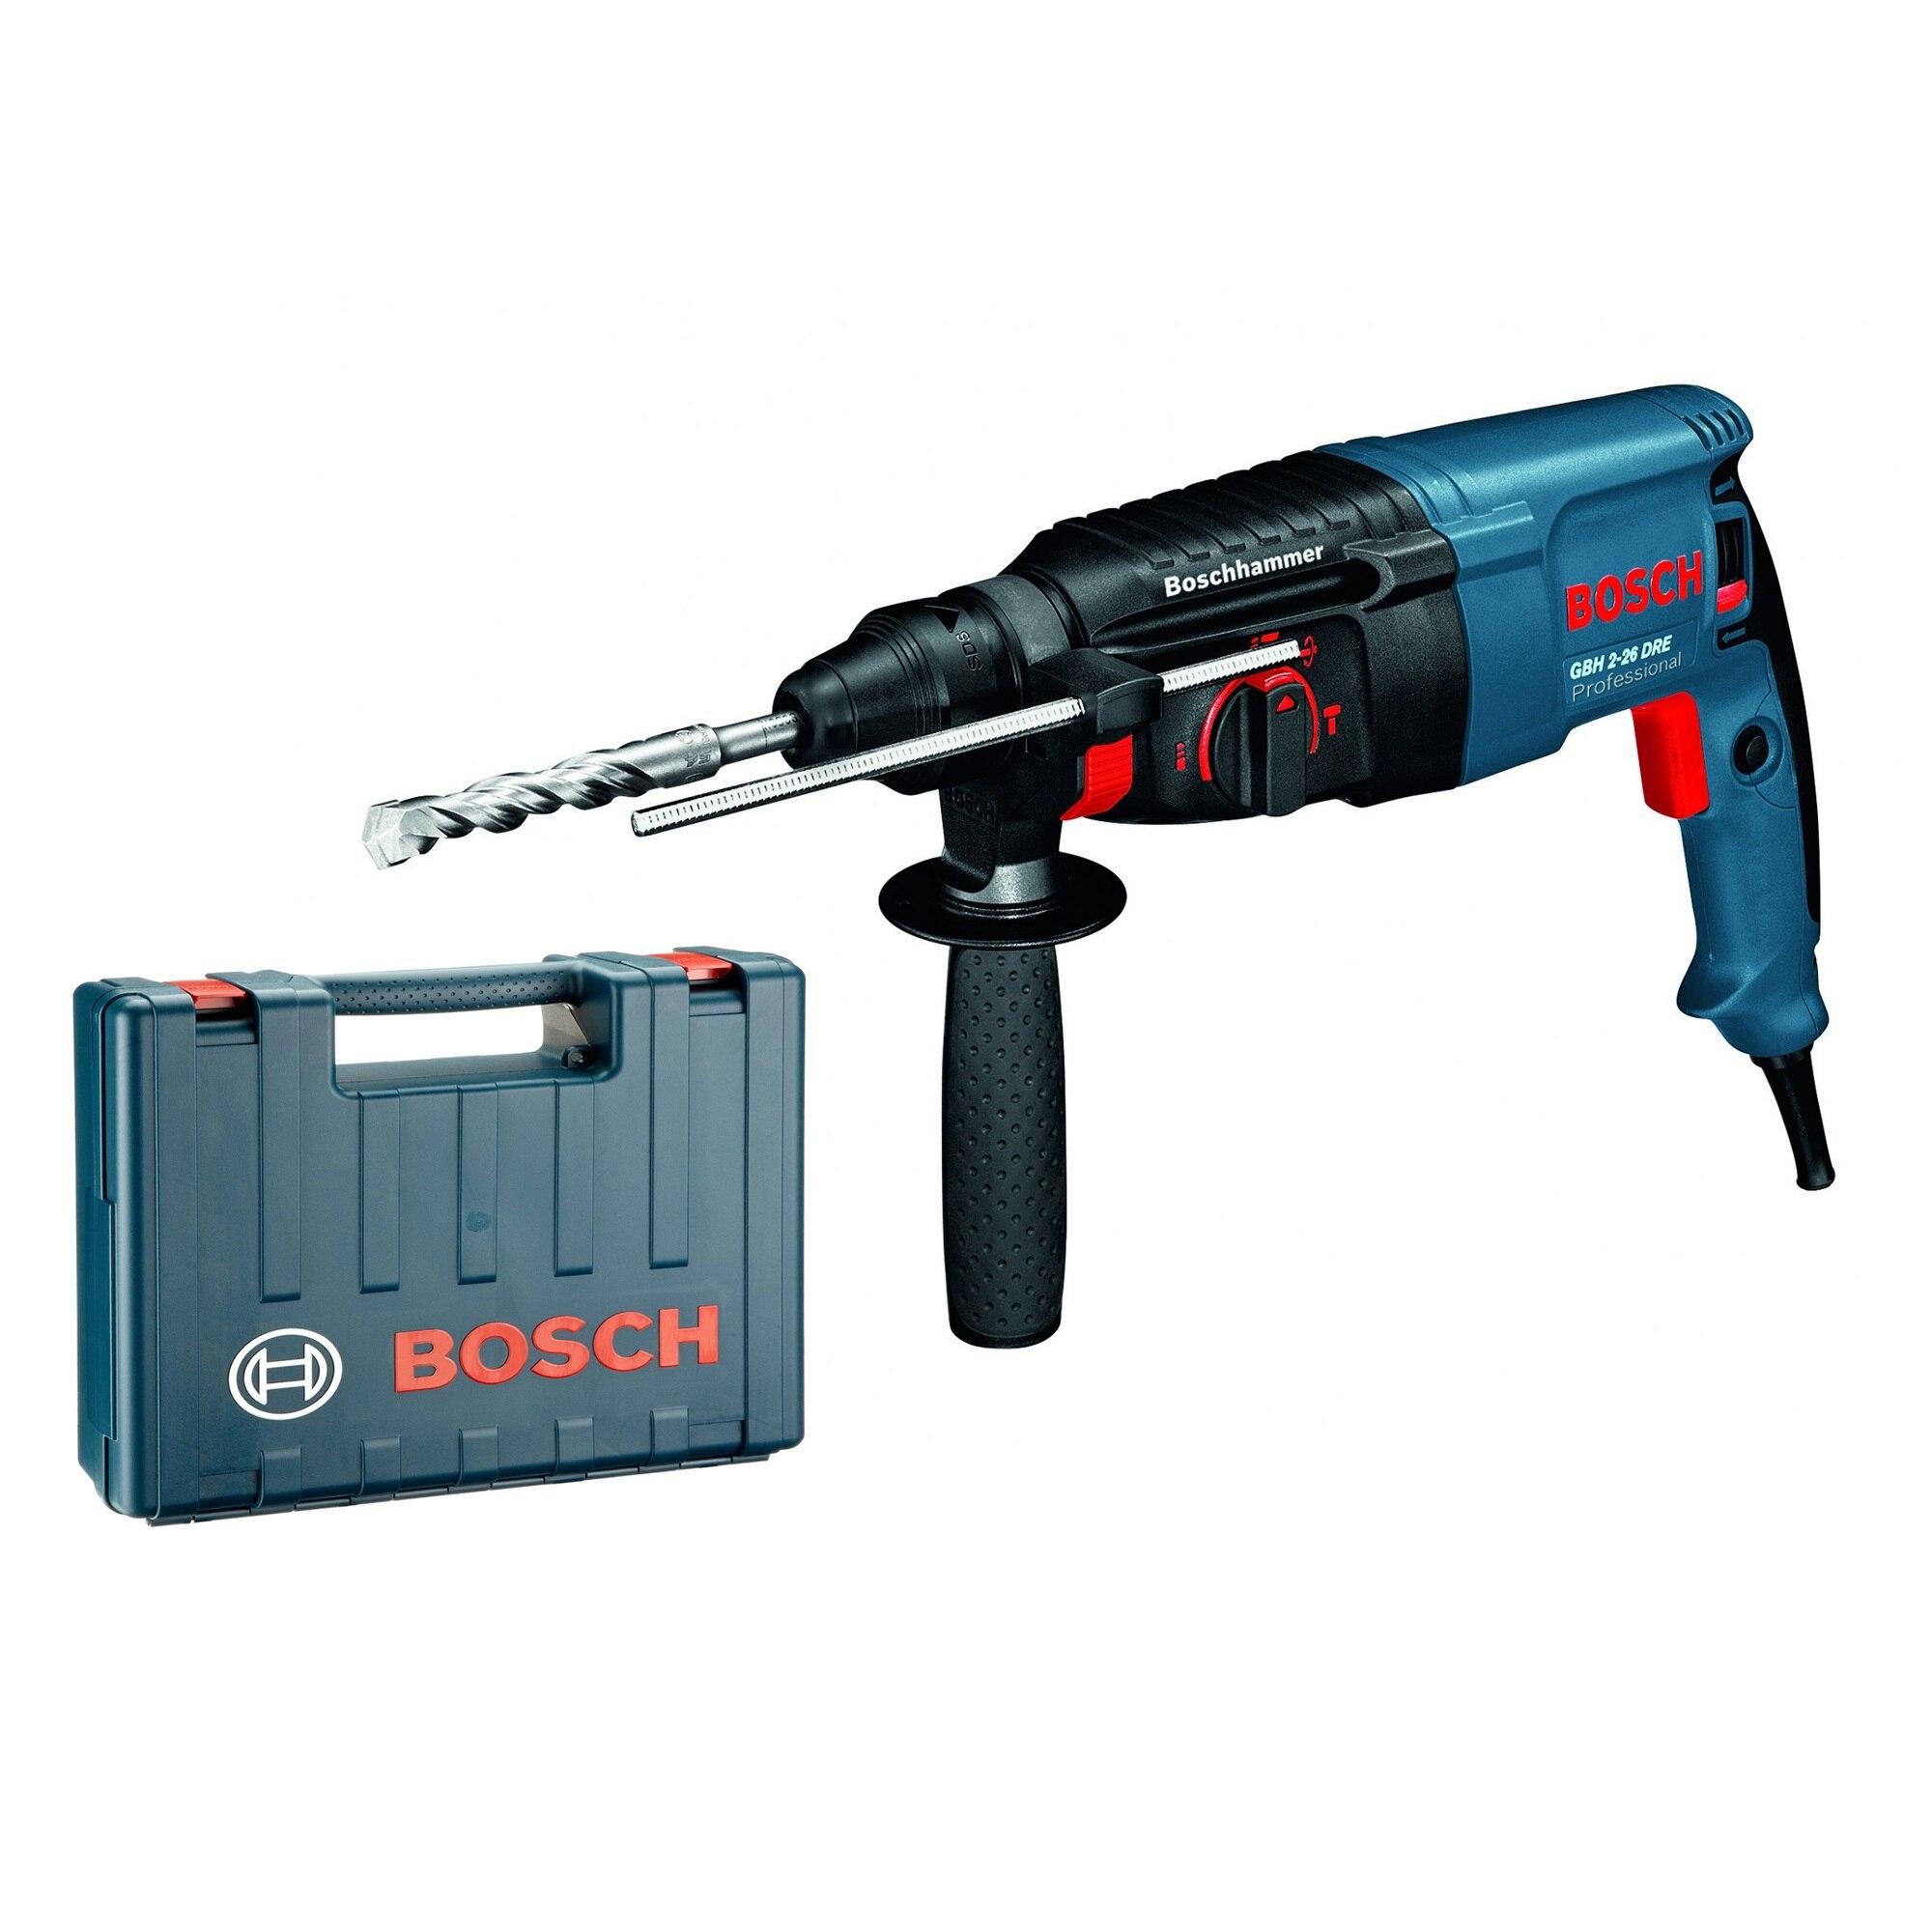 Fotografie Ciocan rotopercutor Bosch Professional GBH 2-26 DRE, 800 W, 900 RPM, 2.7 J, fabricat in Germania